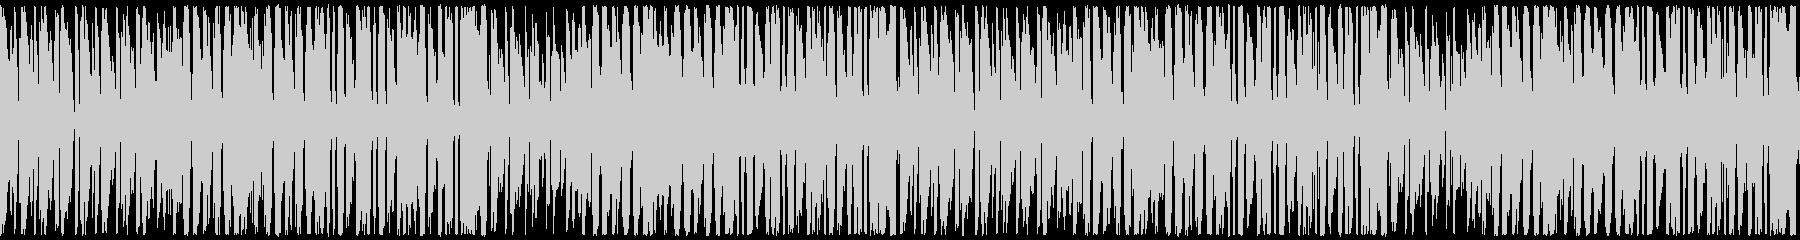 何か始まりそうな軽快なジャジーな曲の未再生の波形